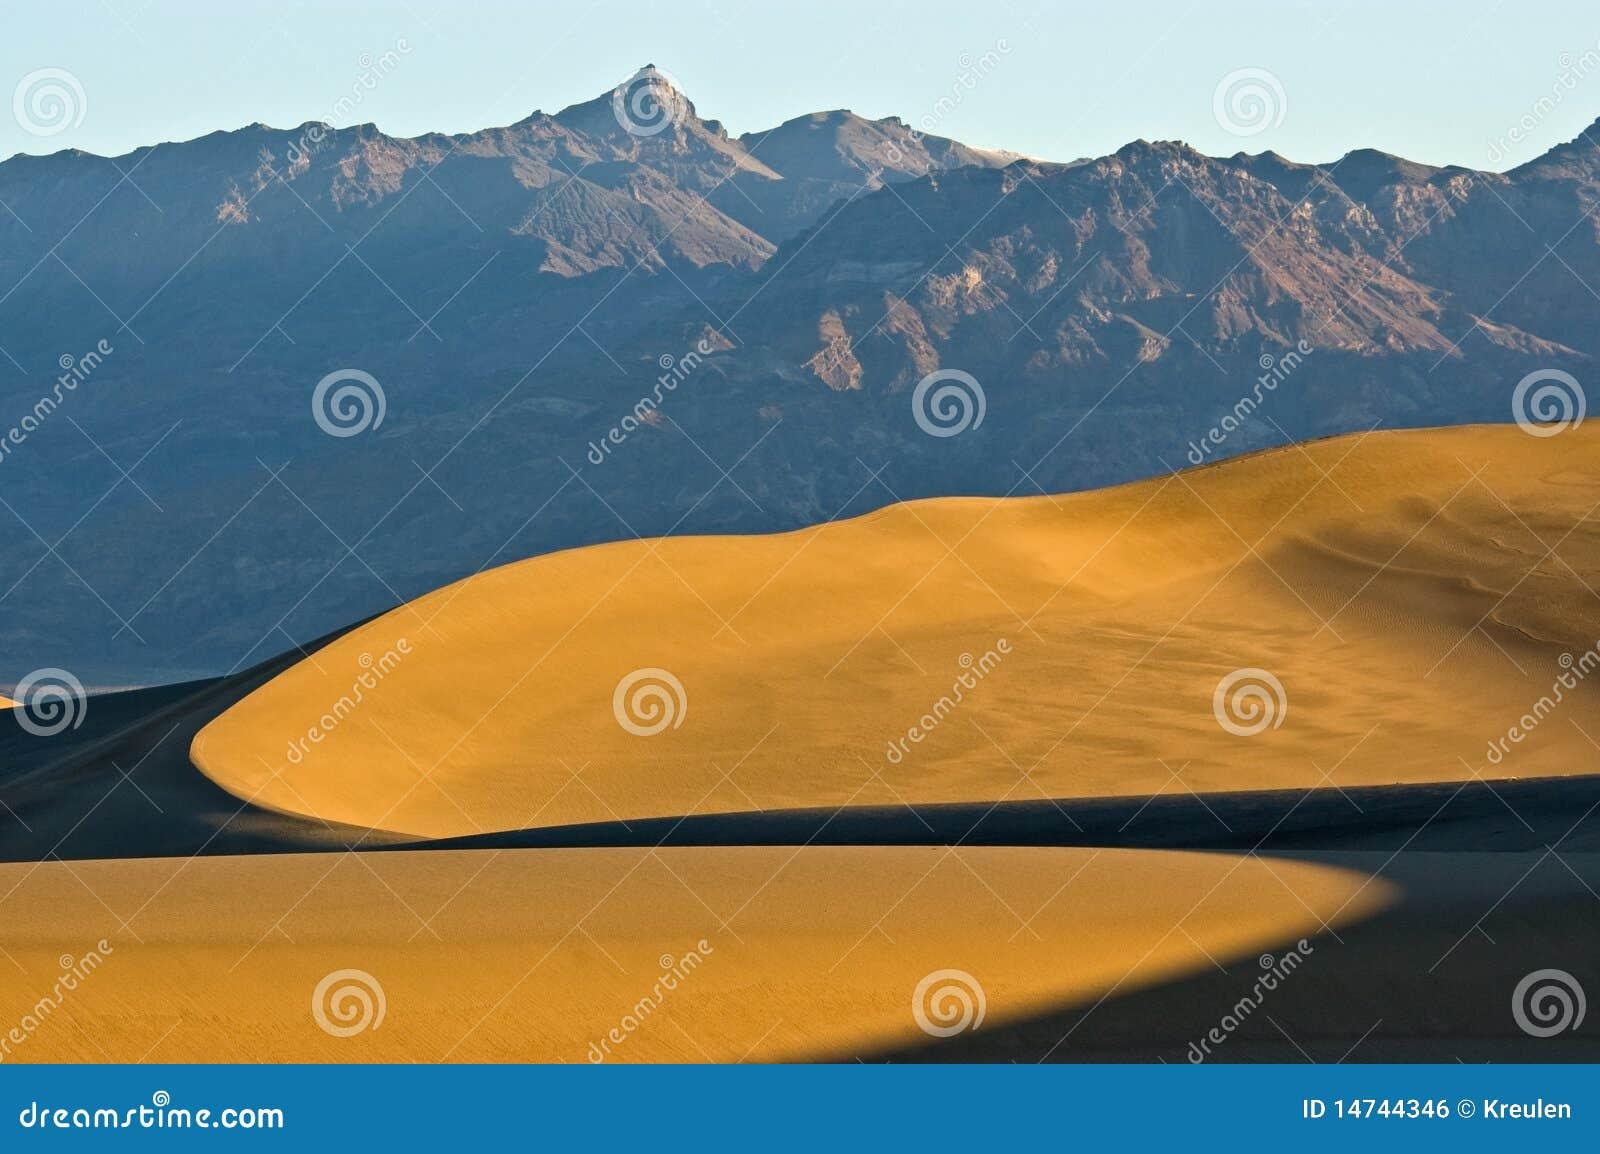 dune di sabbia curve sotto la montagna immagine stock